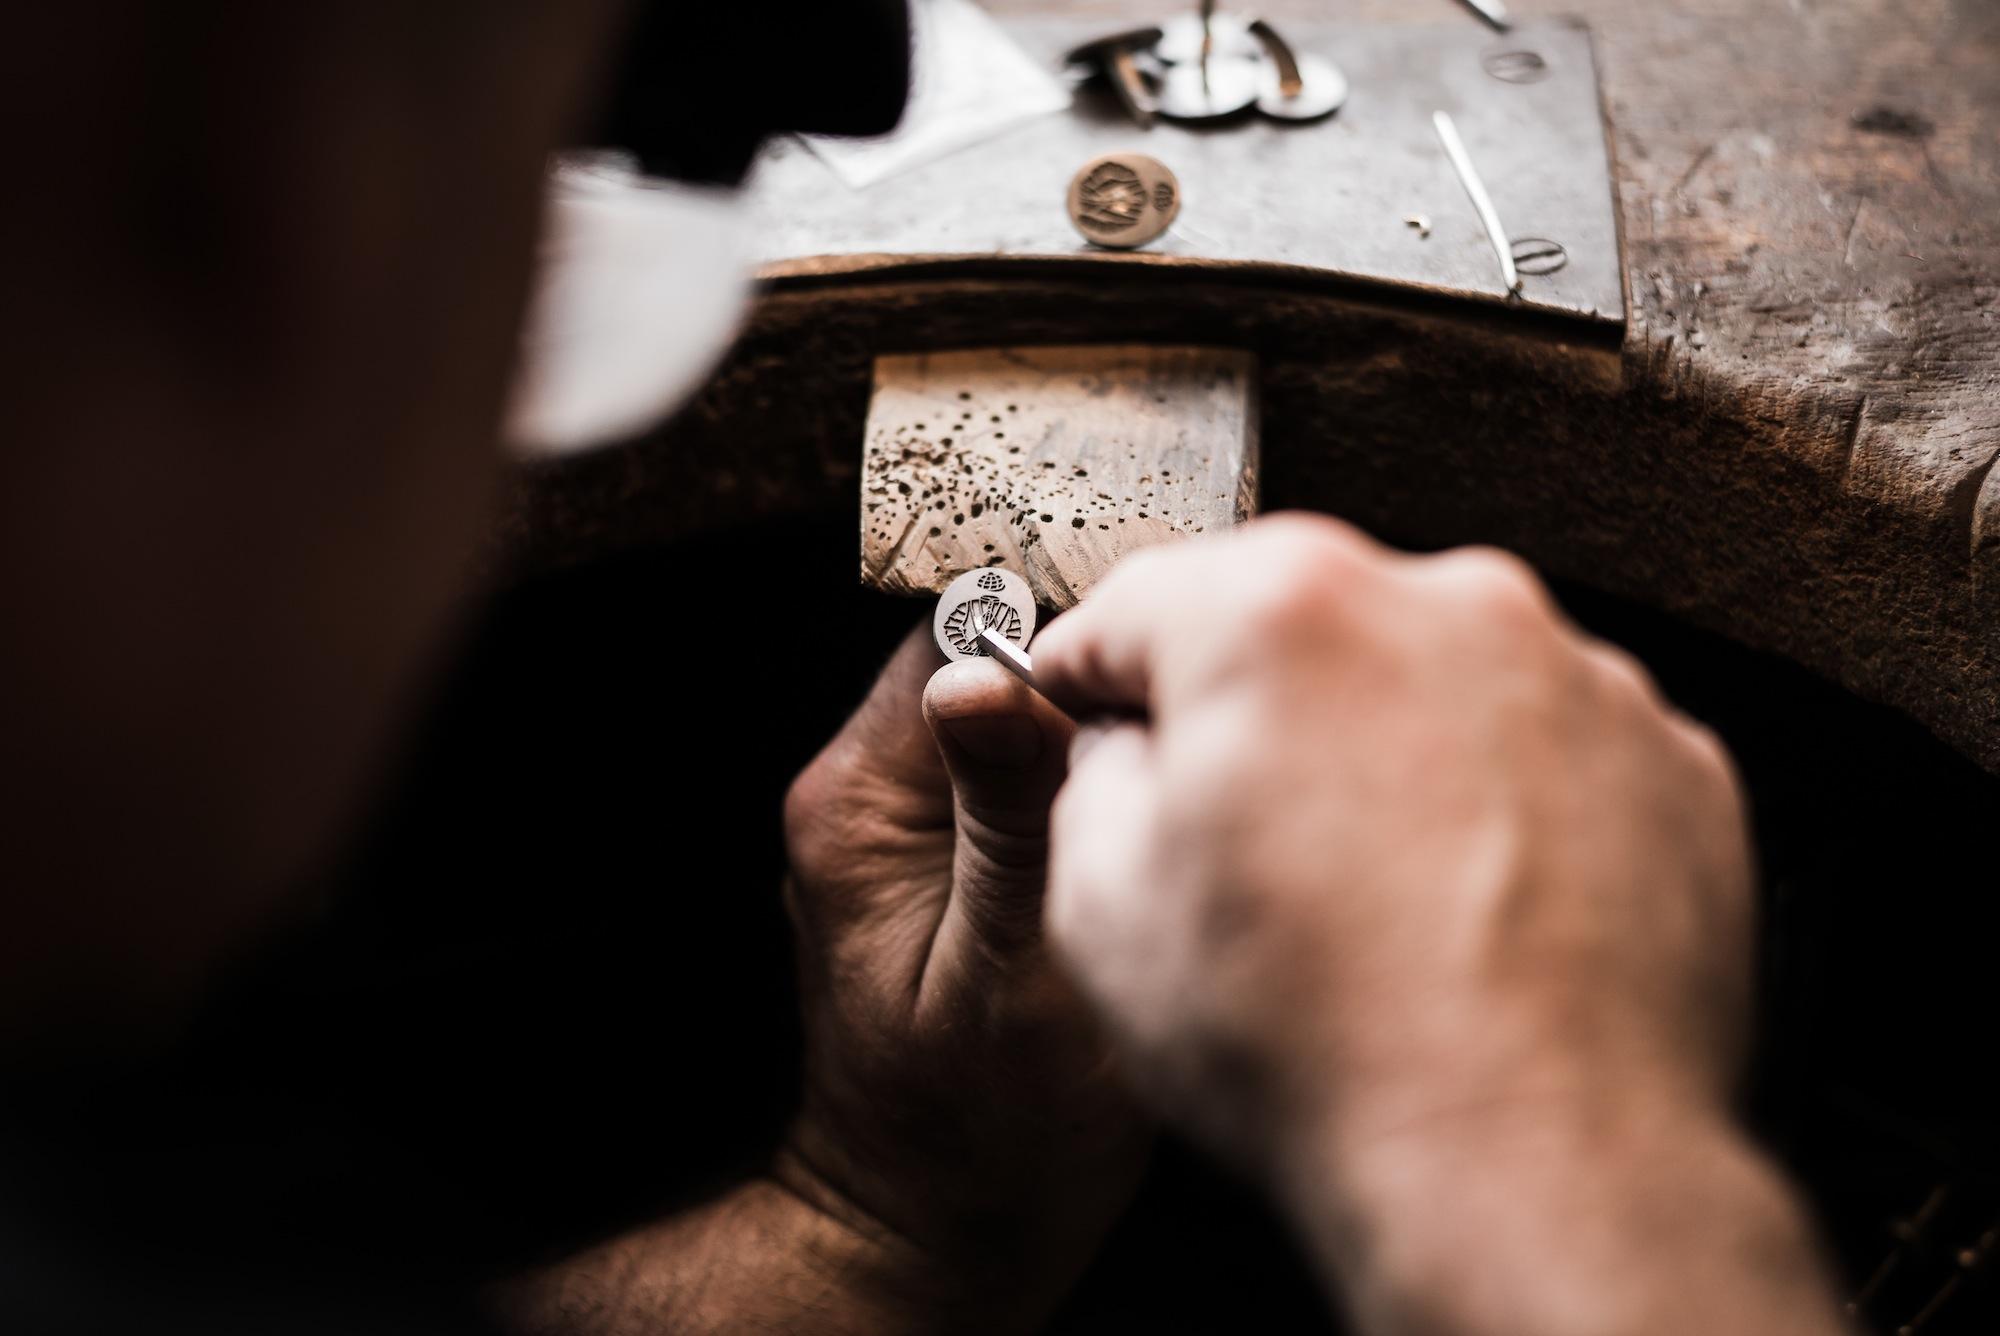 engraving-deakin-and-francis-cufflinks.jpg